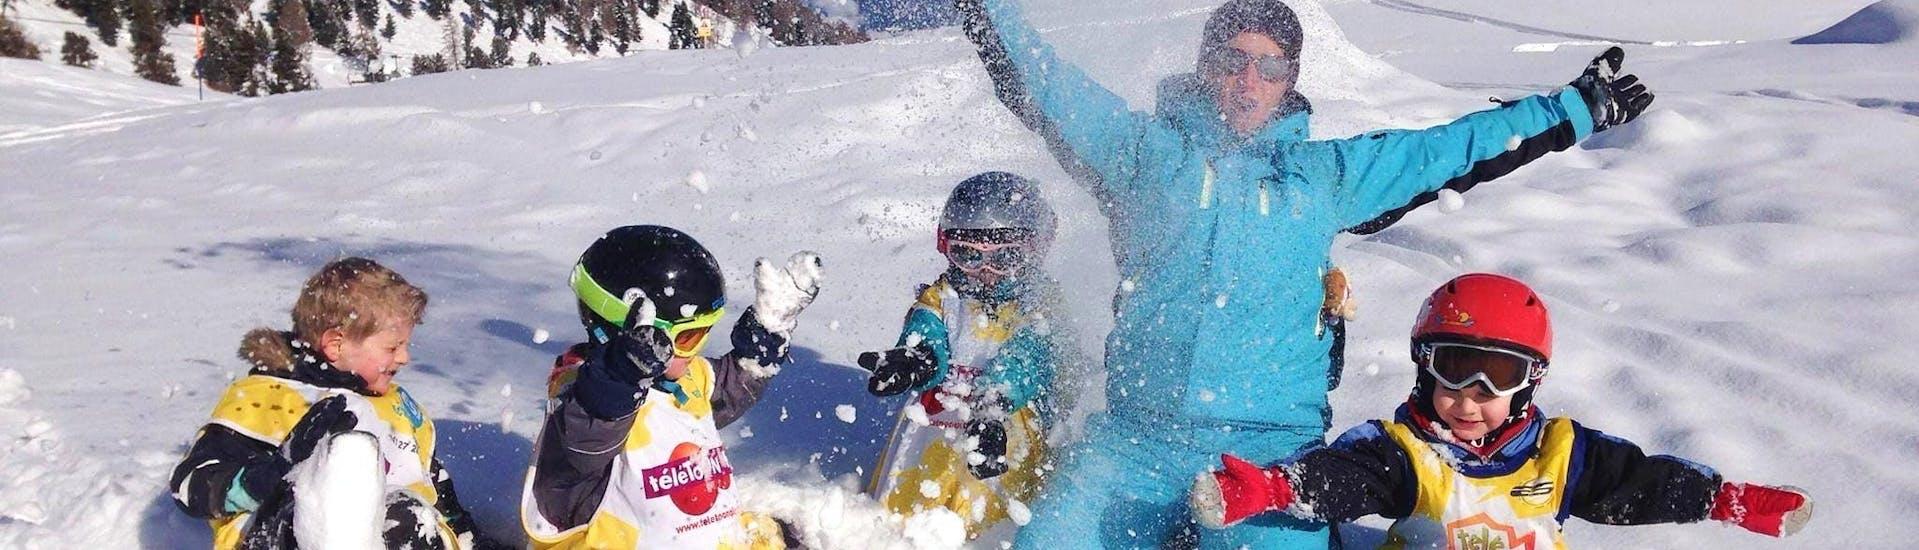 kids-ski-lessons-2-4-years-low-season-esi-arc-en-ciel-siviez-hero